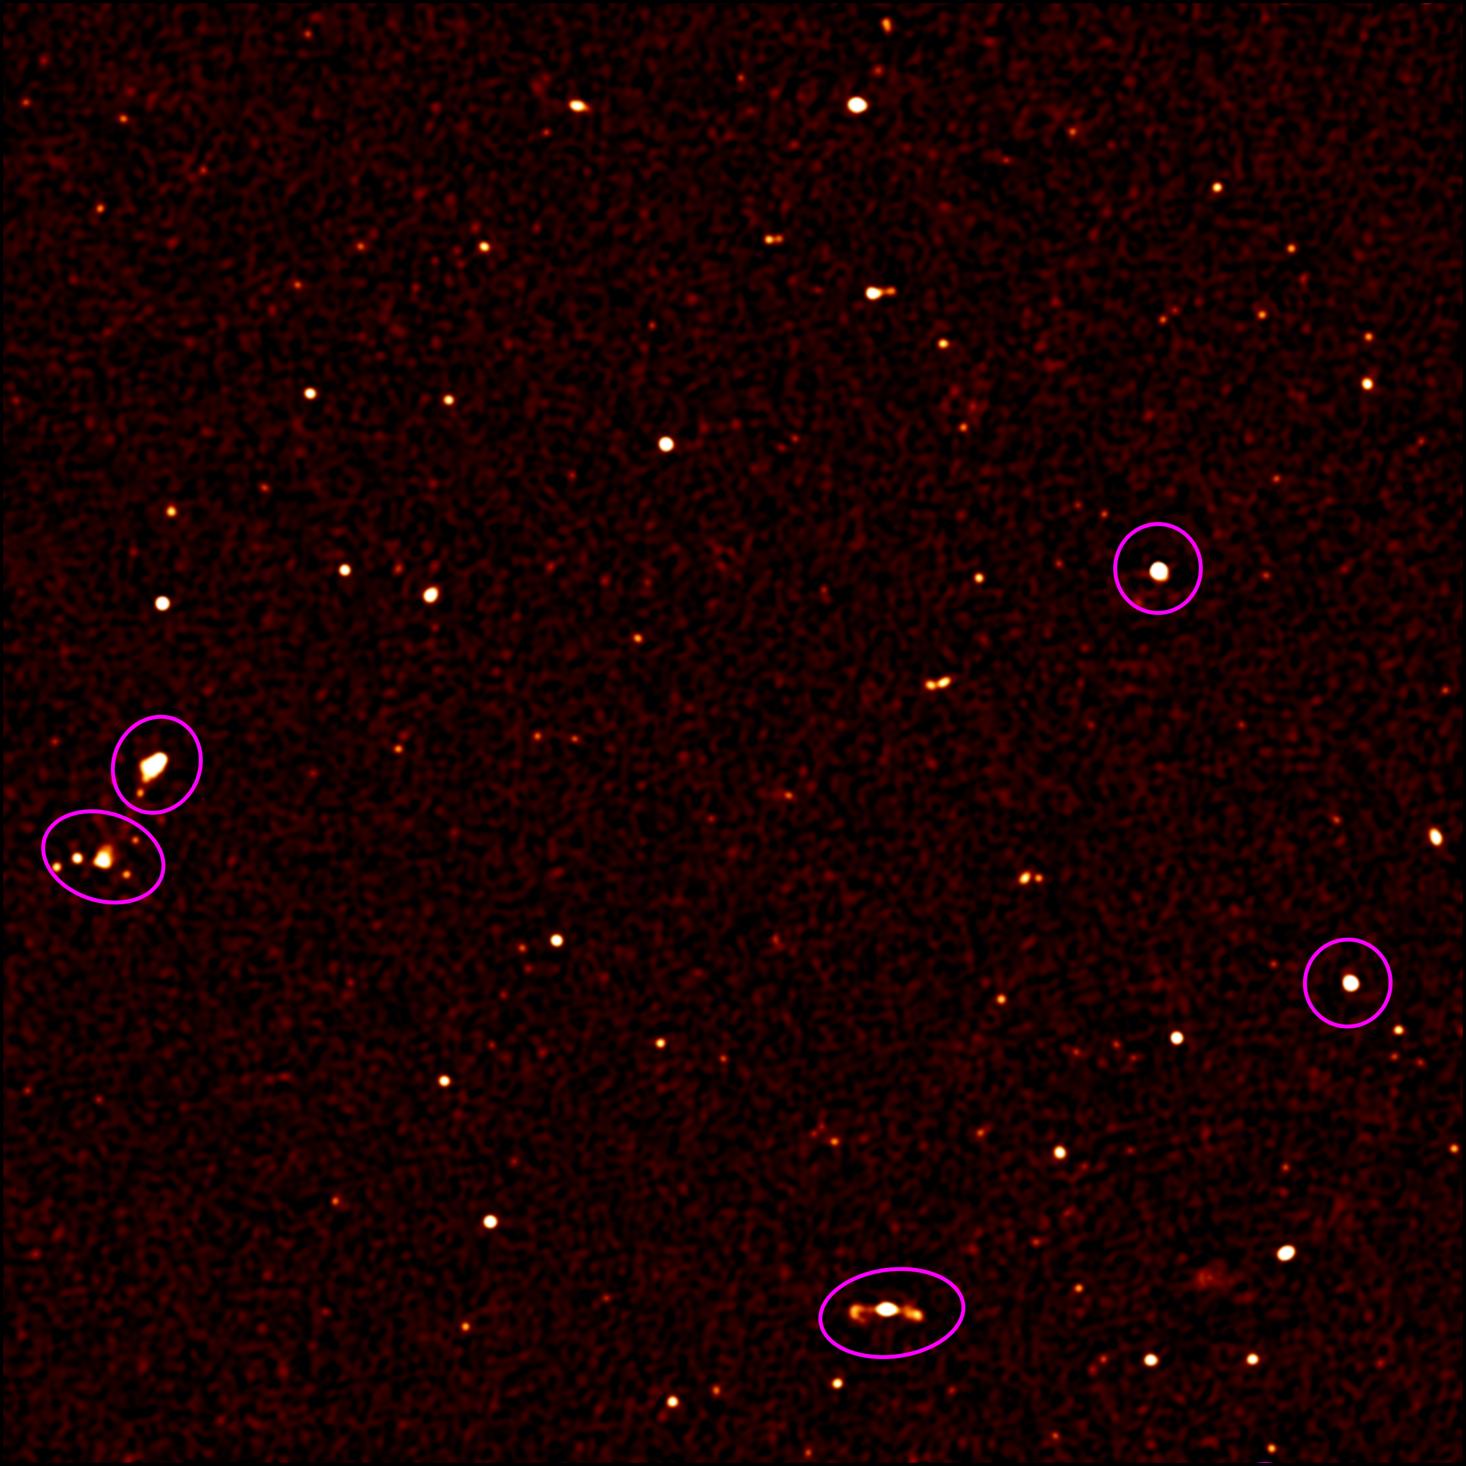 Крупнейший радиотелескоп MeerKAT запустили в тестовом режиме на четверть мощности - 6